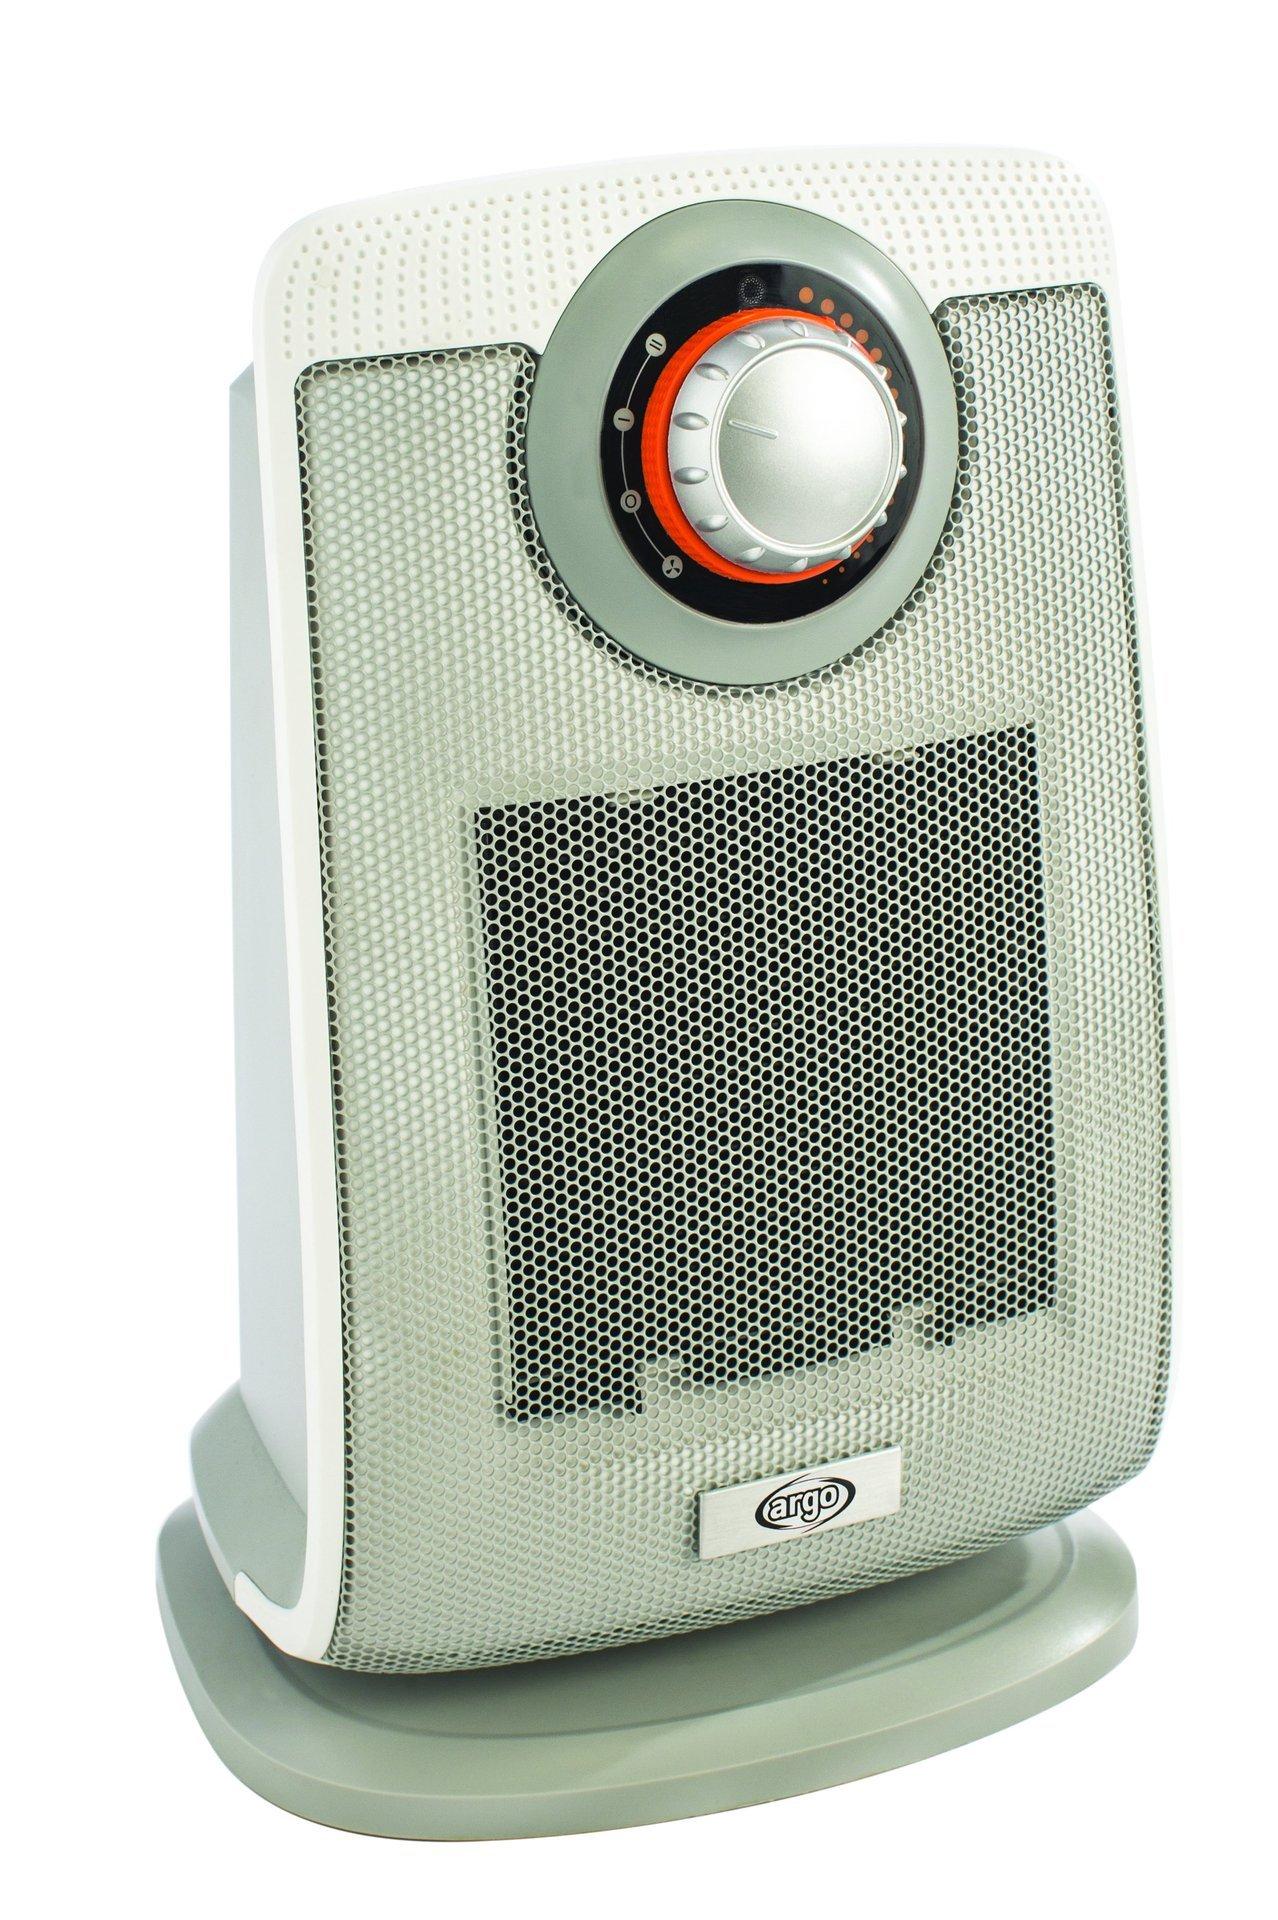 ARGO BEAT ICE Termoventilatore Potenza 2000 Watt Colore Grigio